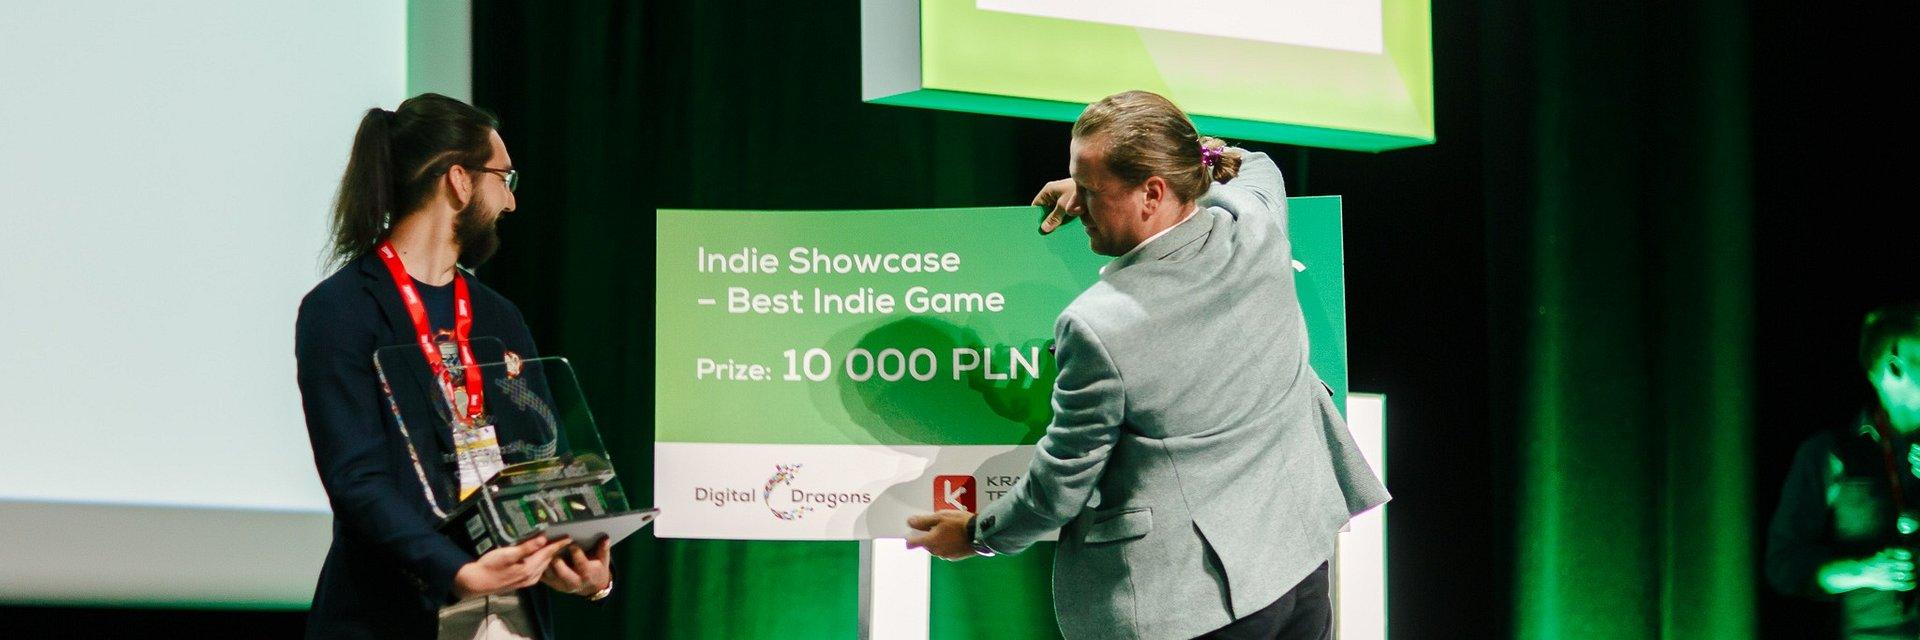 Znamy gry wybrane do Indie Showcase 2019. Tap Tap Games głównym sponsorem konkursu